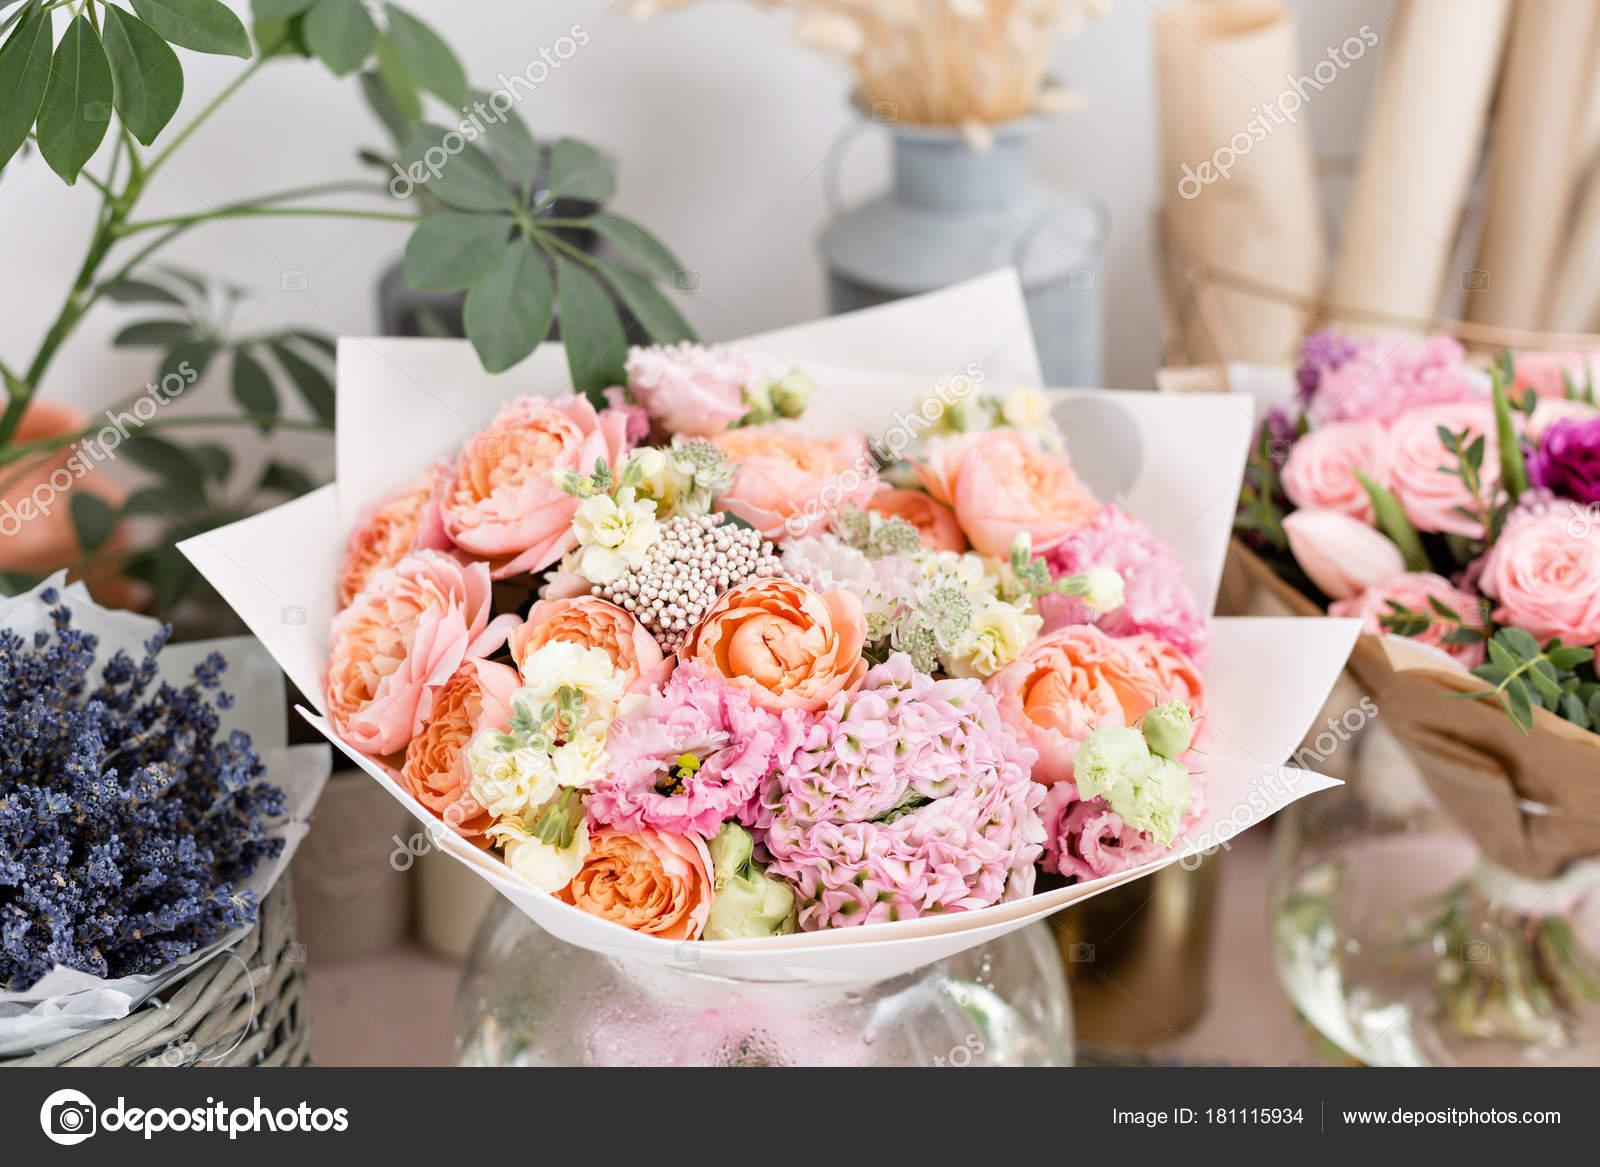 Nur Wenige Schöne Luxus Bouquet Gemischten Blumen Auf Rosa Tisch